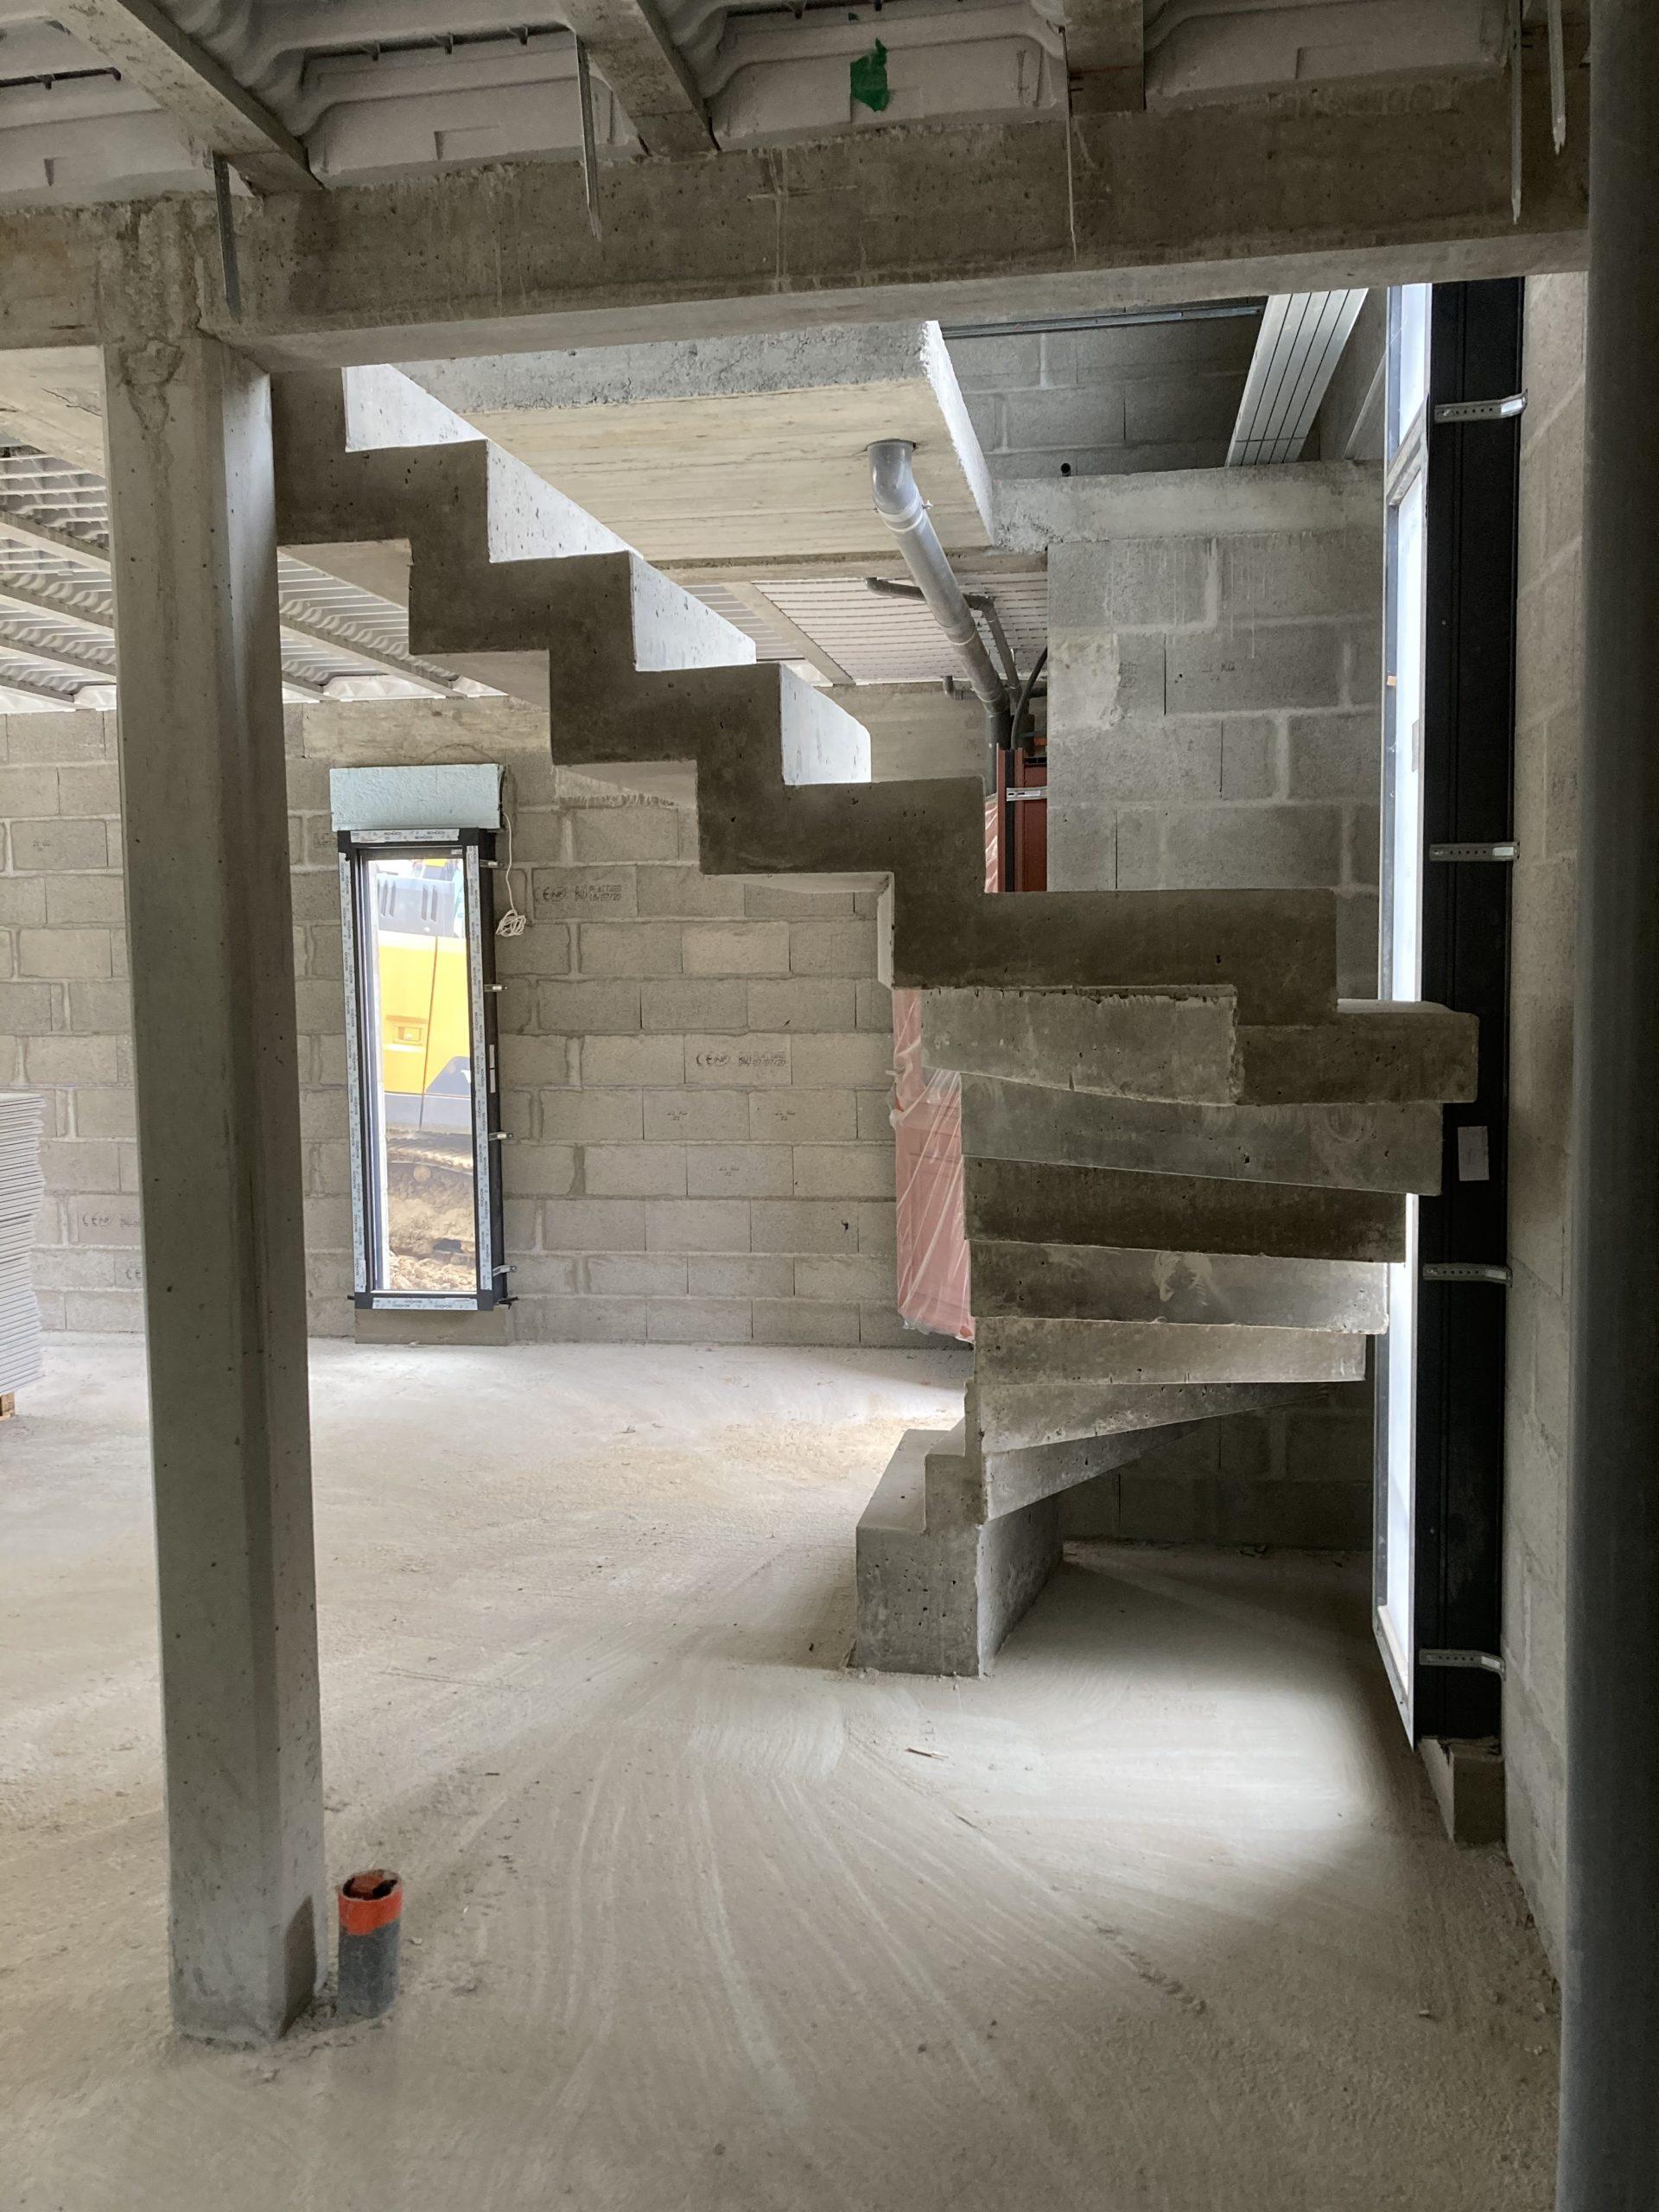 Escalier à crémaillère en béton deux quart balancé coulé sur place